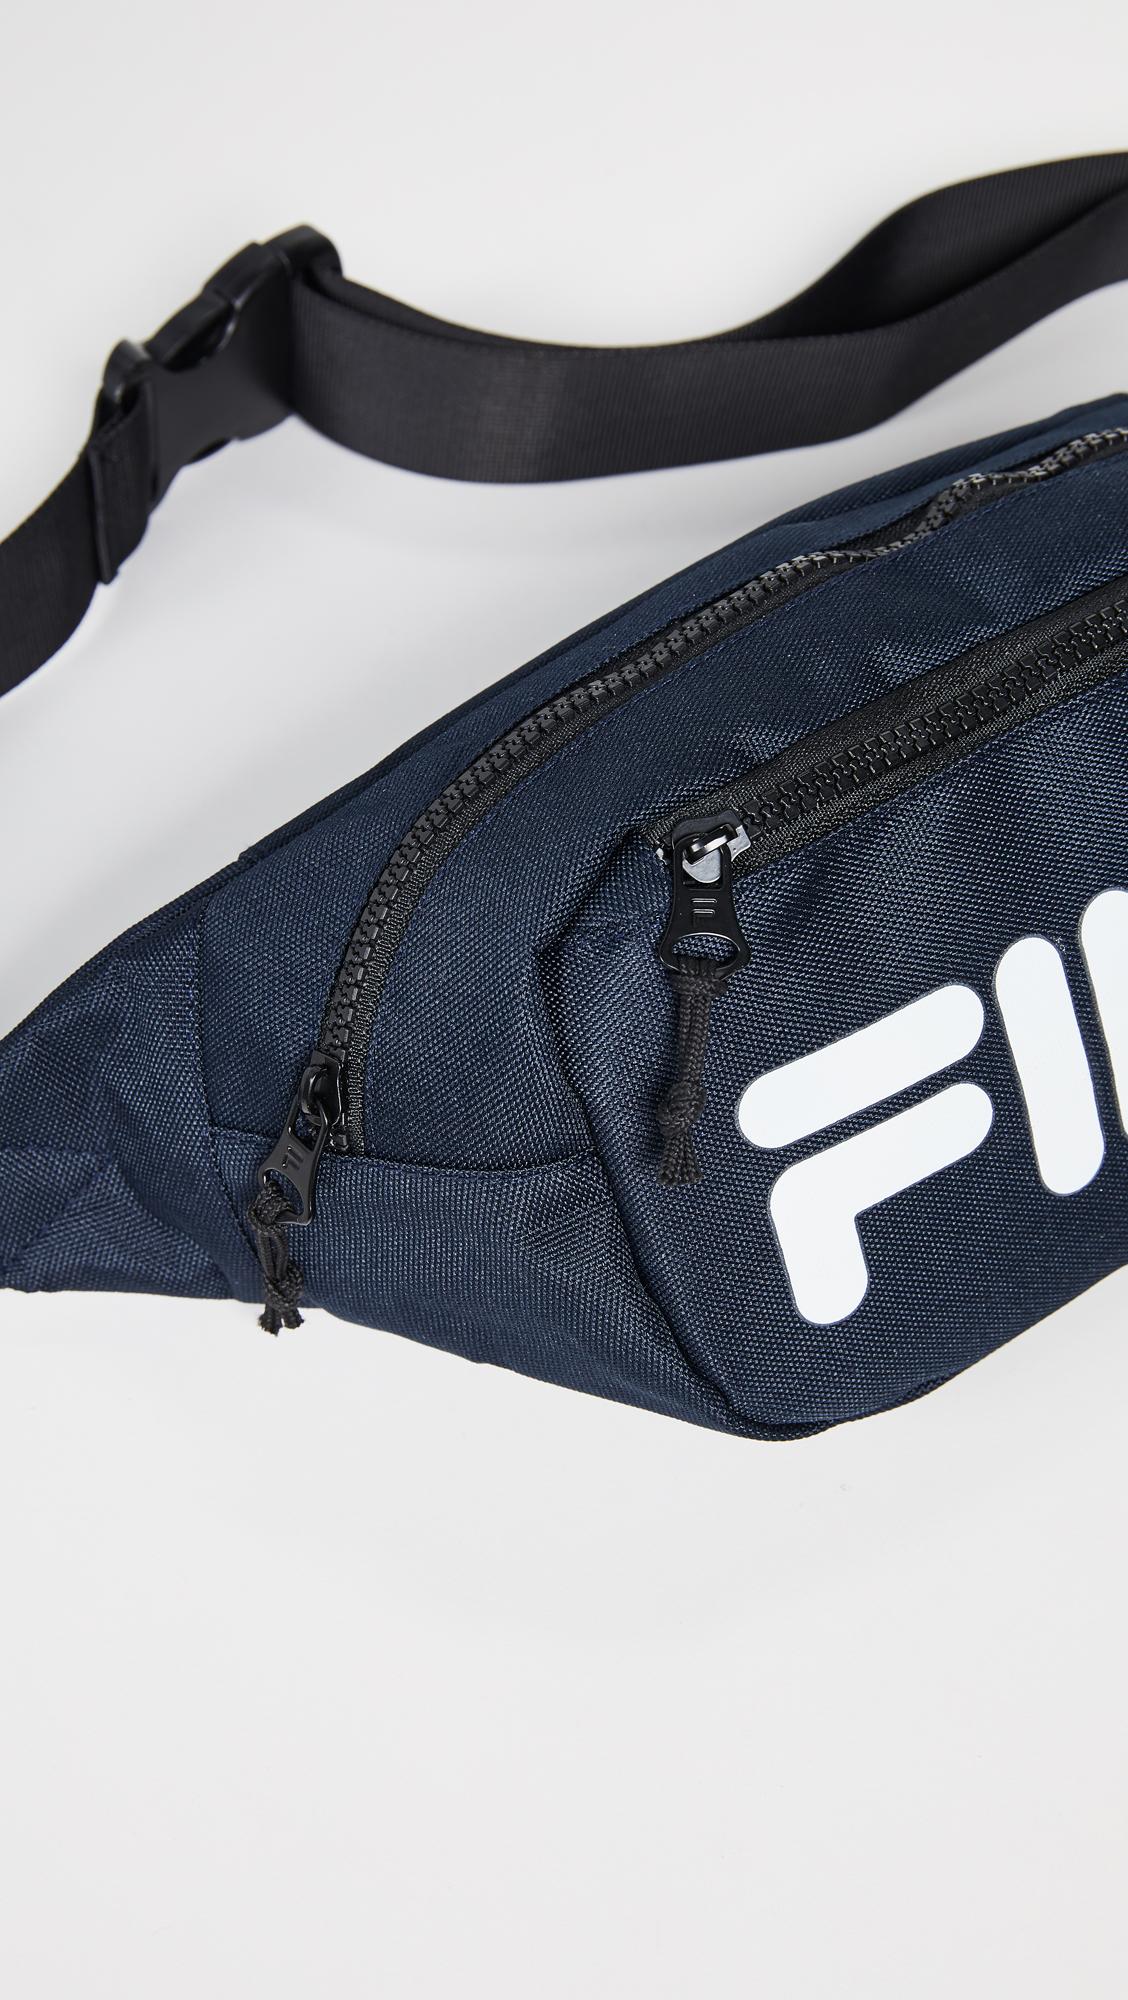 d0add4f491 Fila Hunter Waist Bag